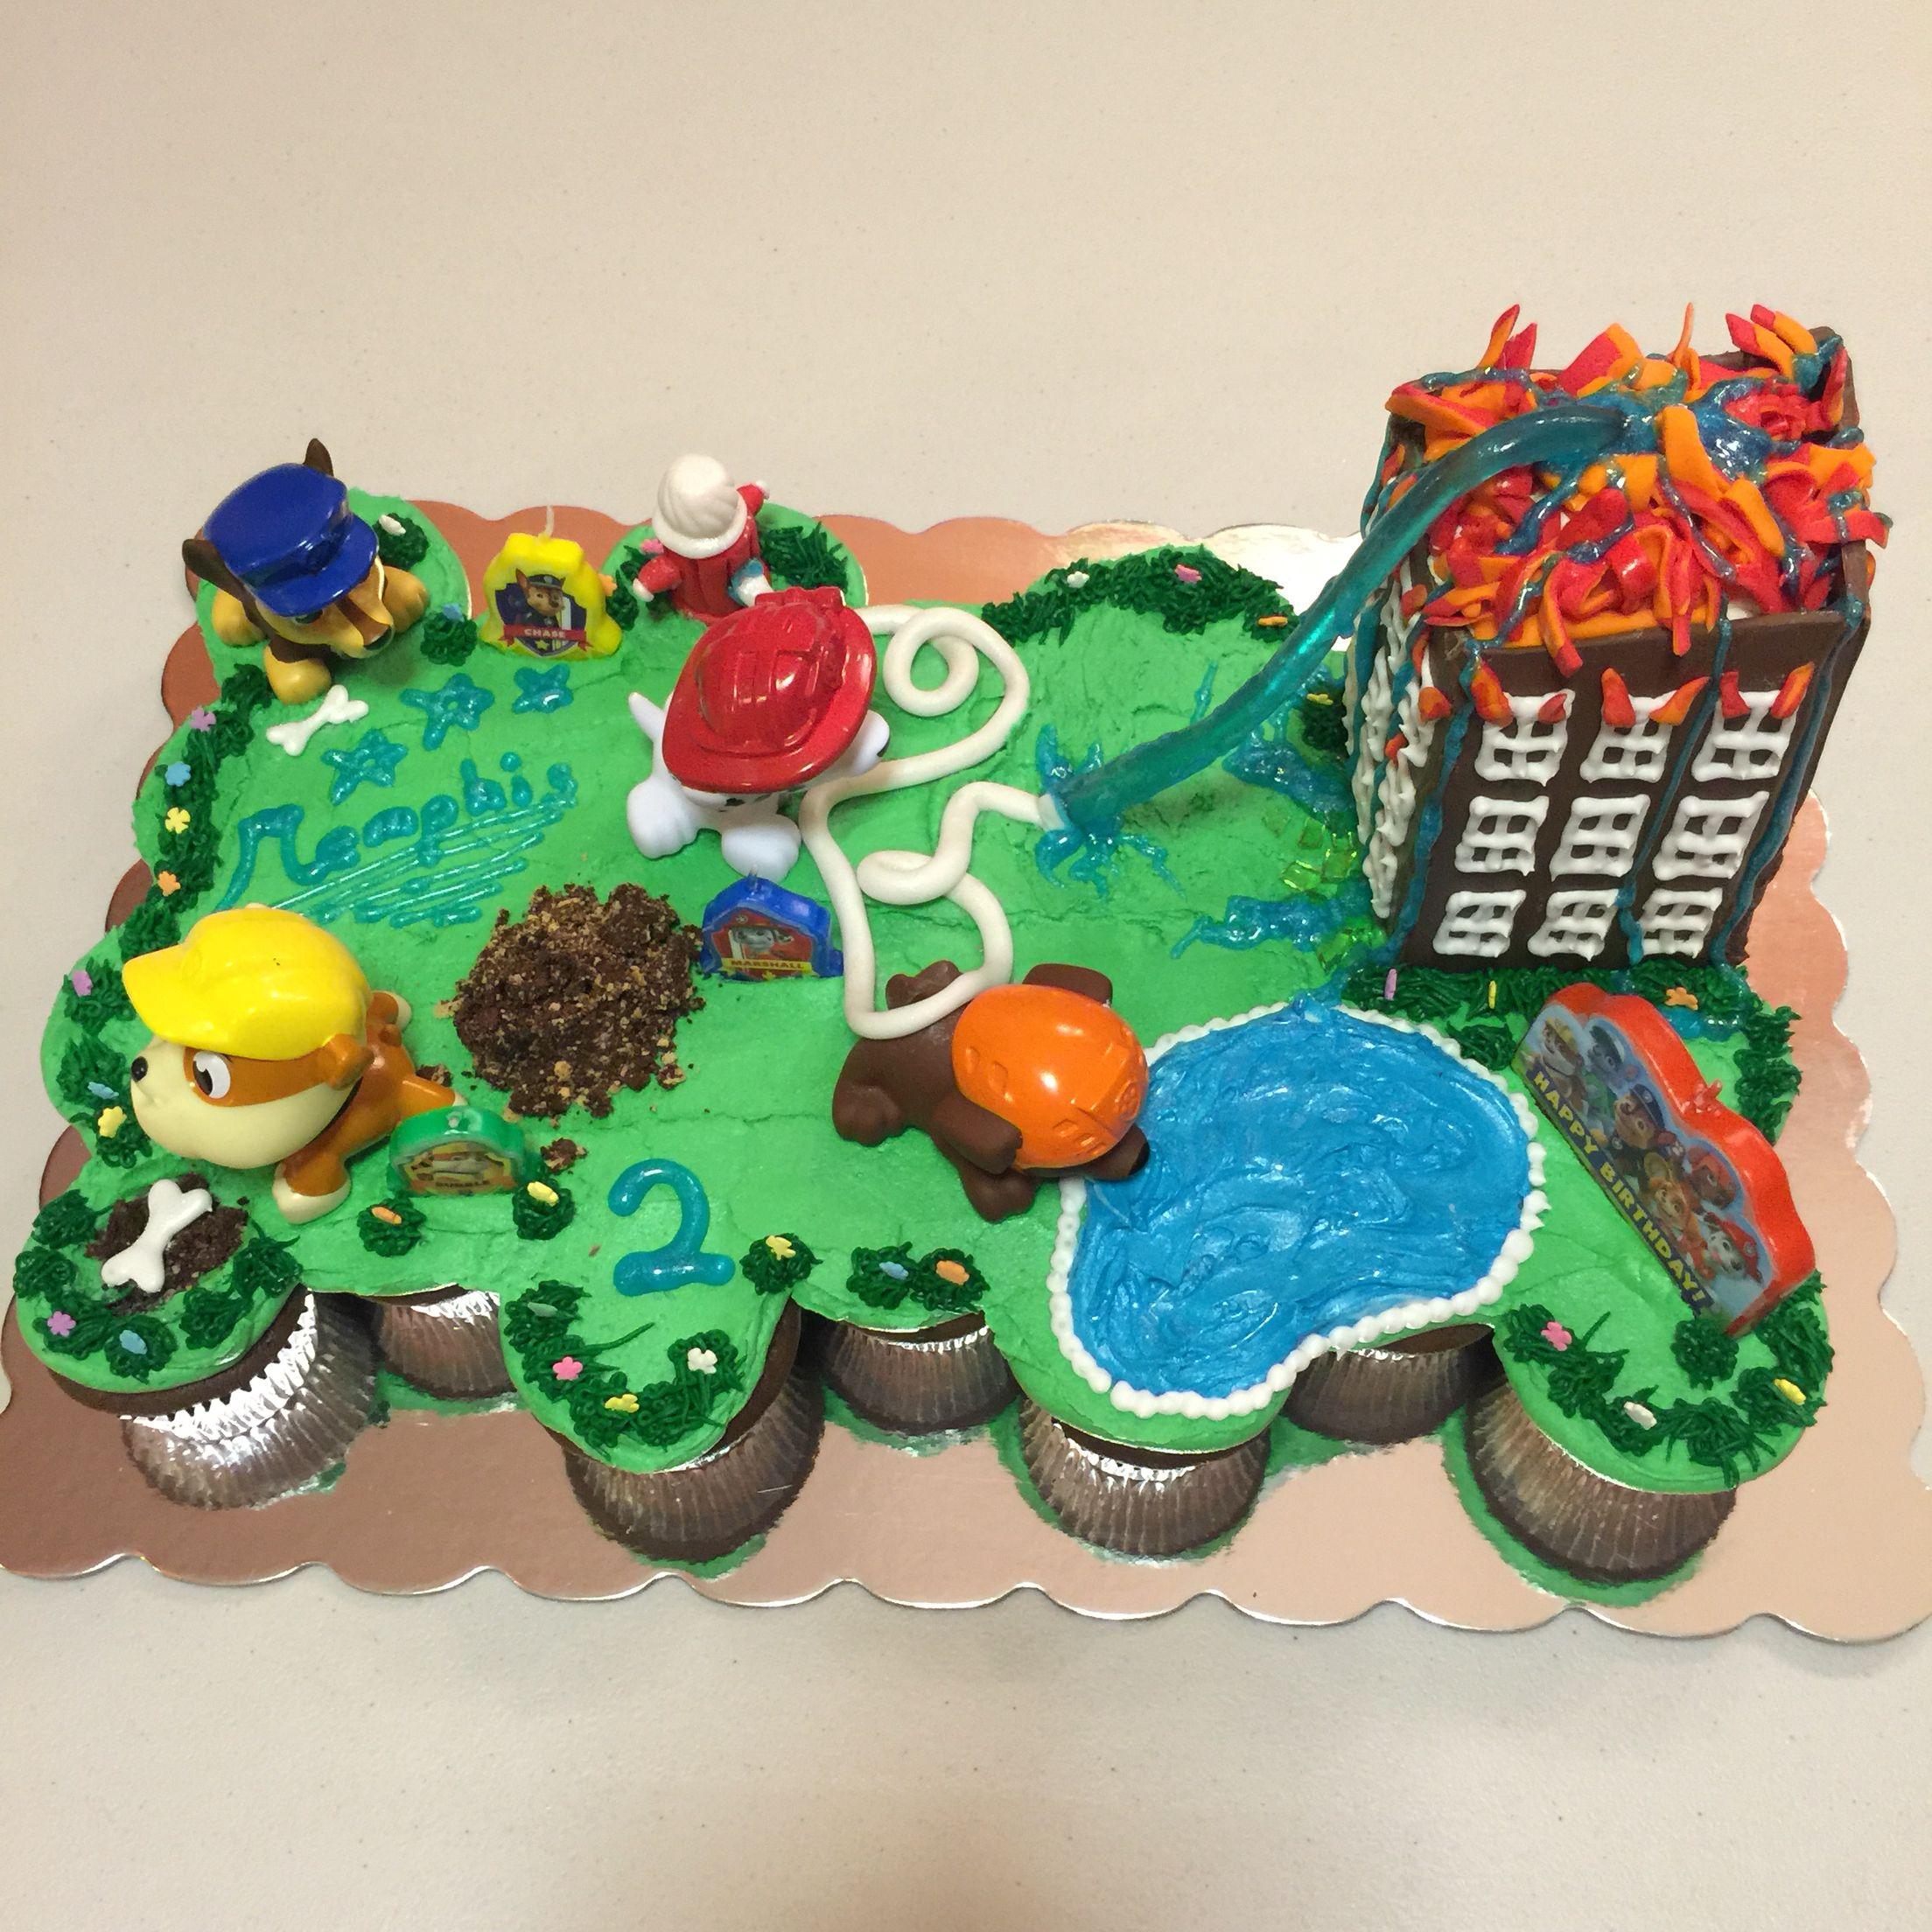 Spiderman Cupcakes Cake D39cuisine Pull Apart Cupcakes